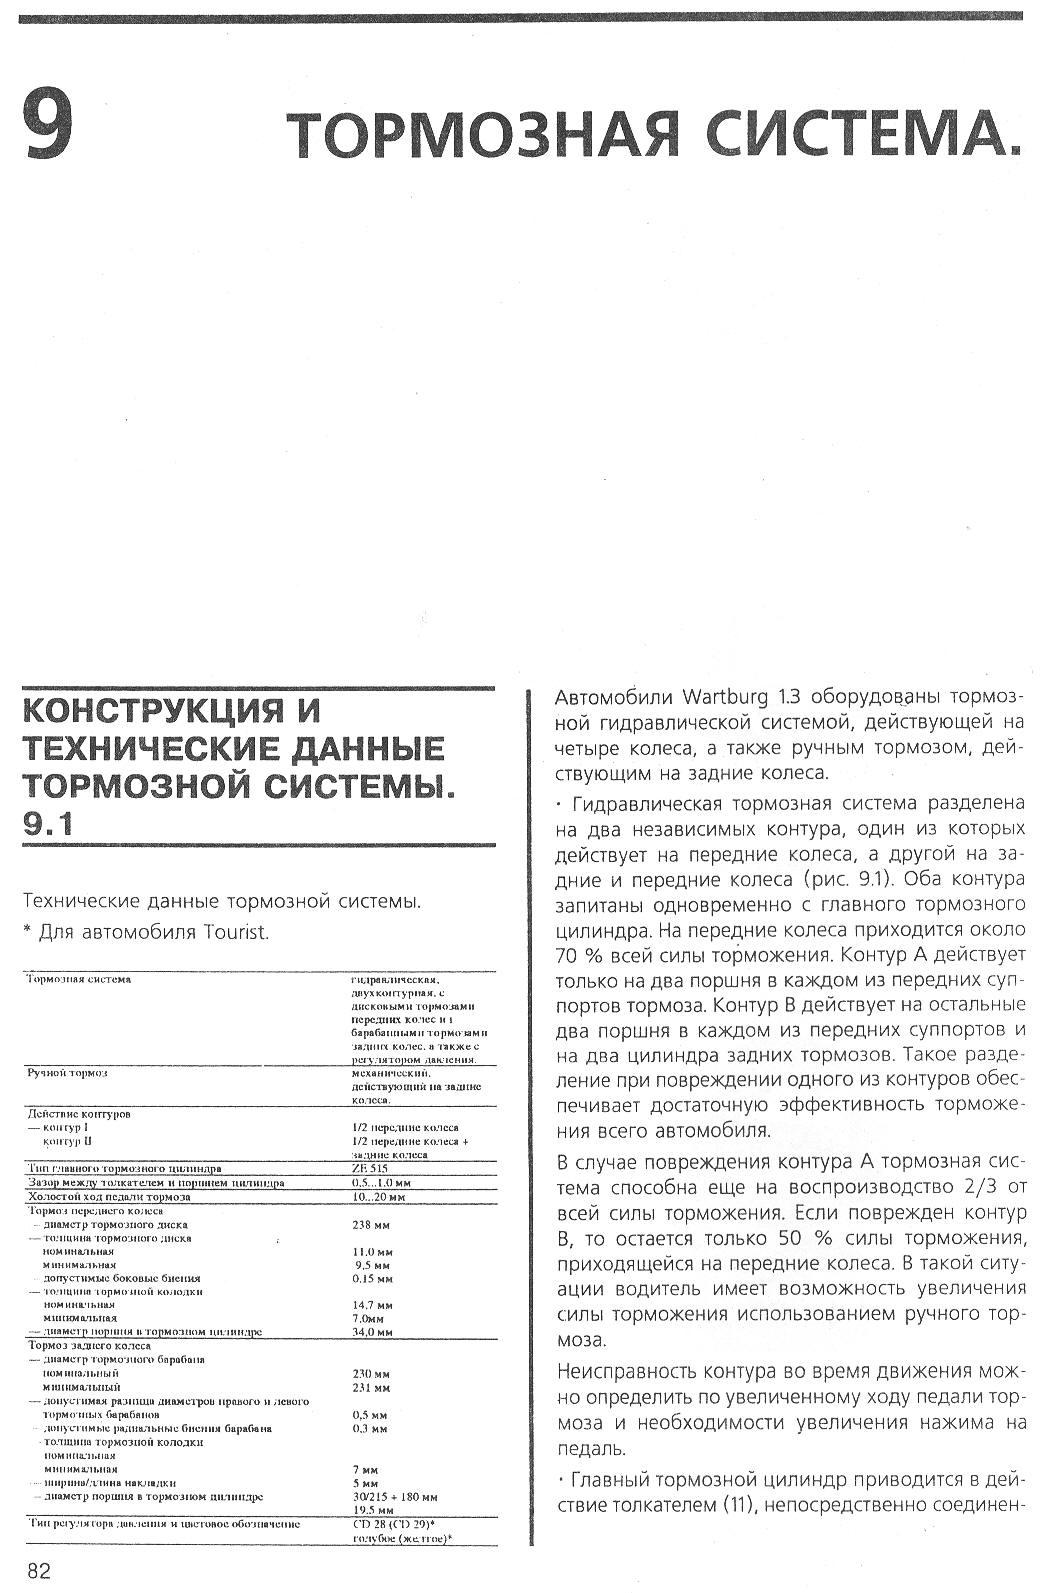 http://allsoy.narod.ru/instruk/wartburg/09Tormoz/082.jpg